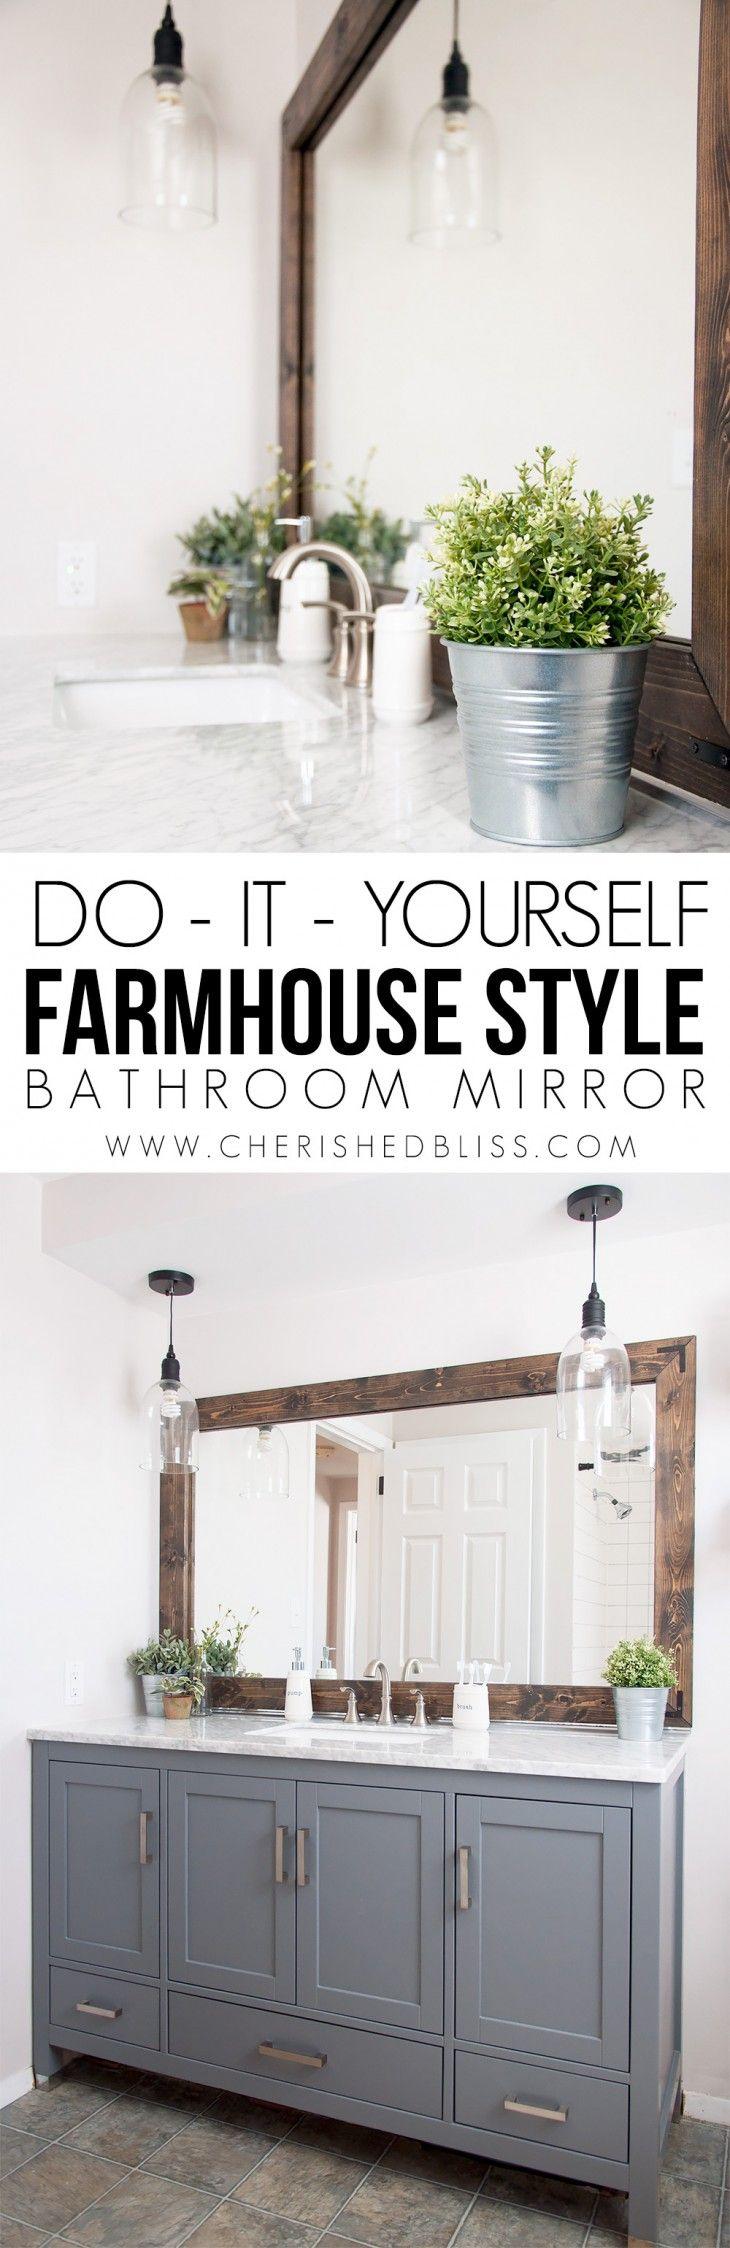 15 cozy farmhouse diy decor ideas 6house bathroom mirror 15 cozy farmhouse diy decor ideas solutioingenieria Images